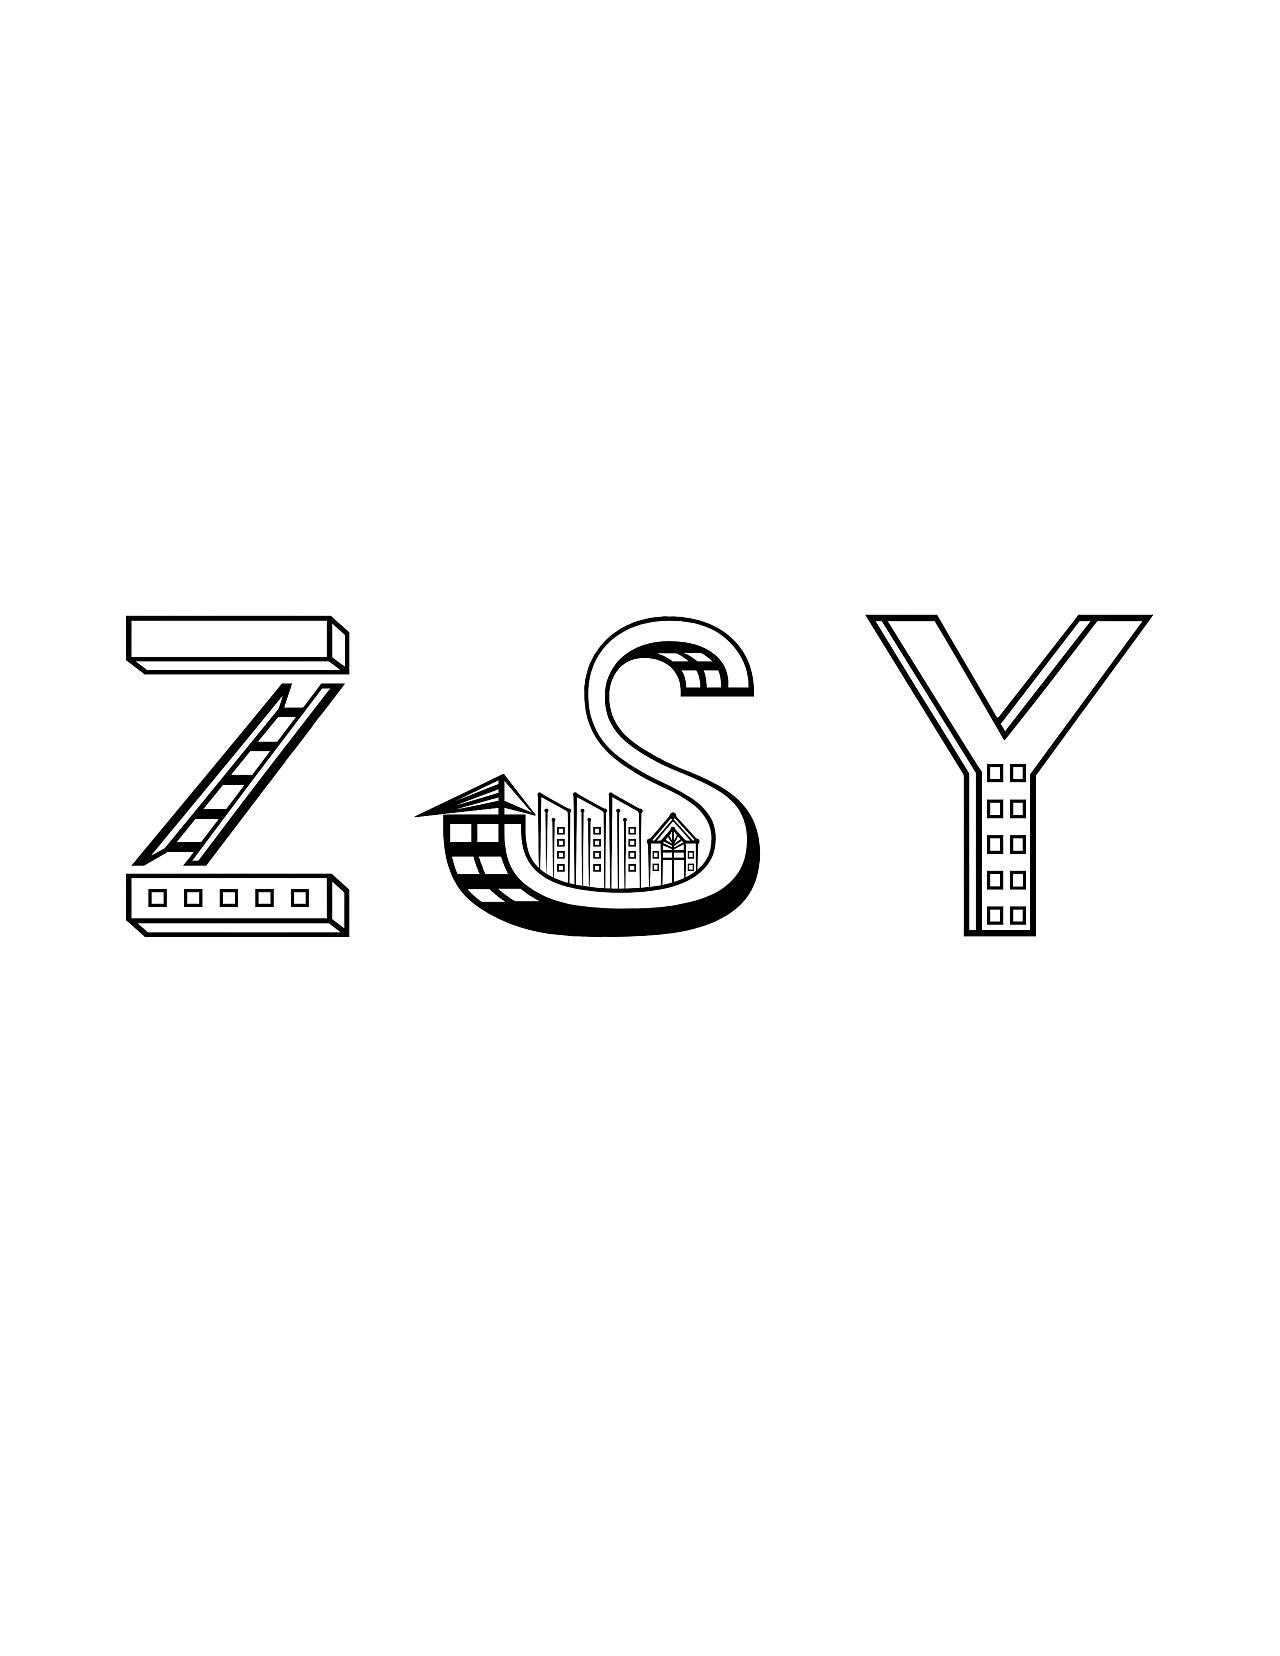 手绘logo图片大全简单